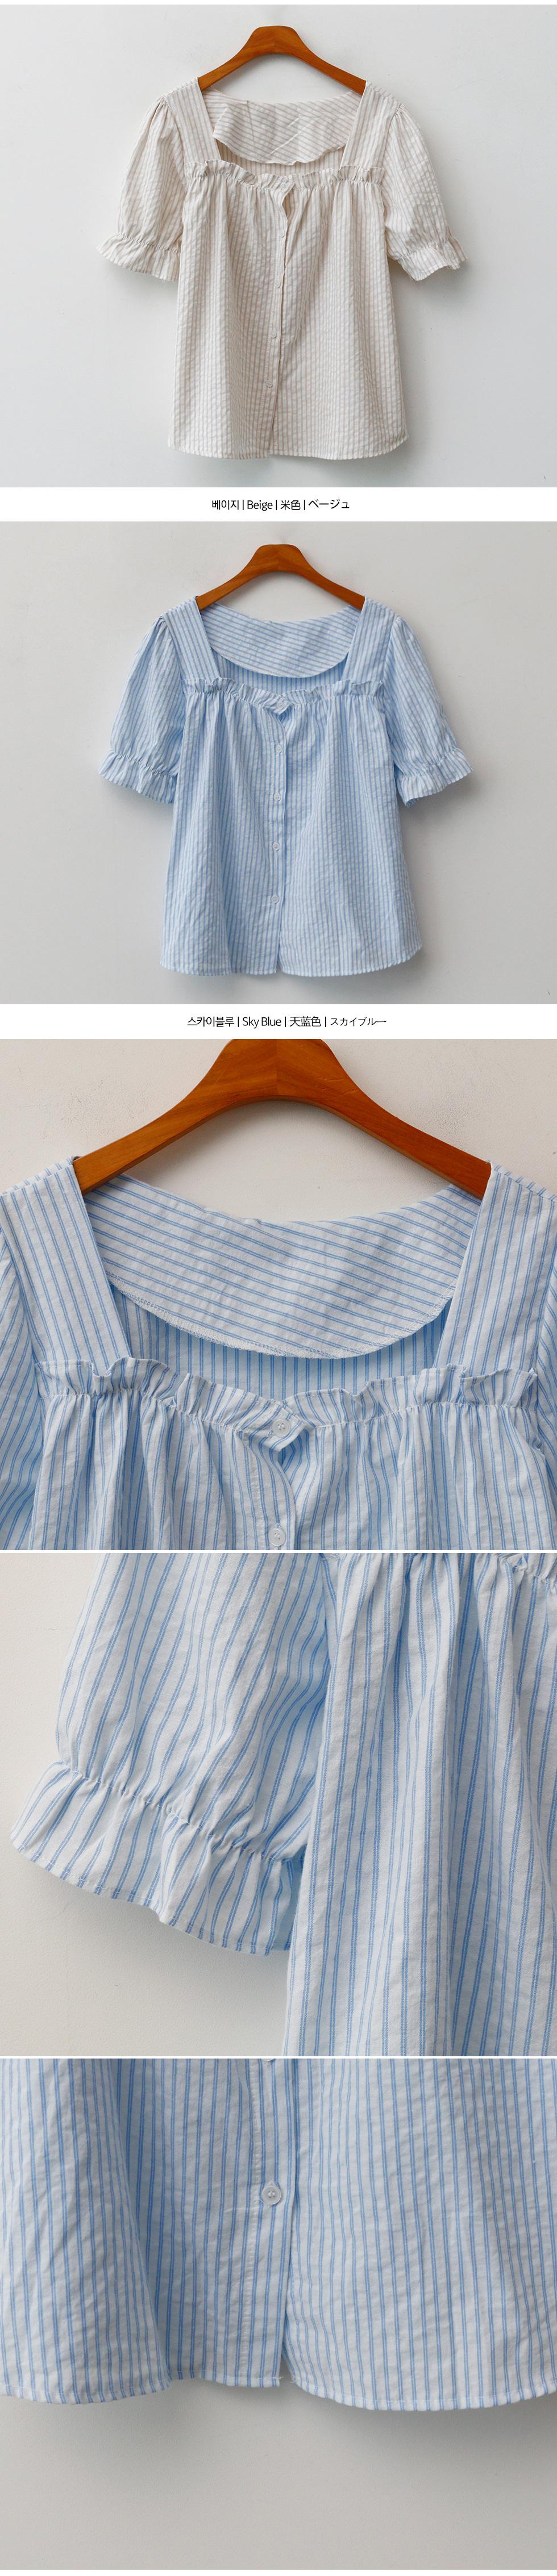 Popcorn dangara blouse